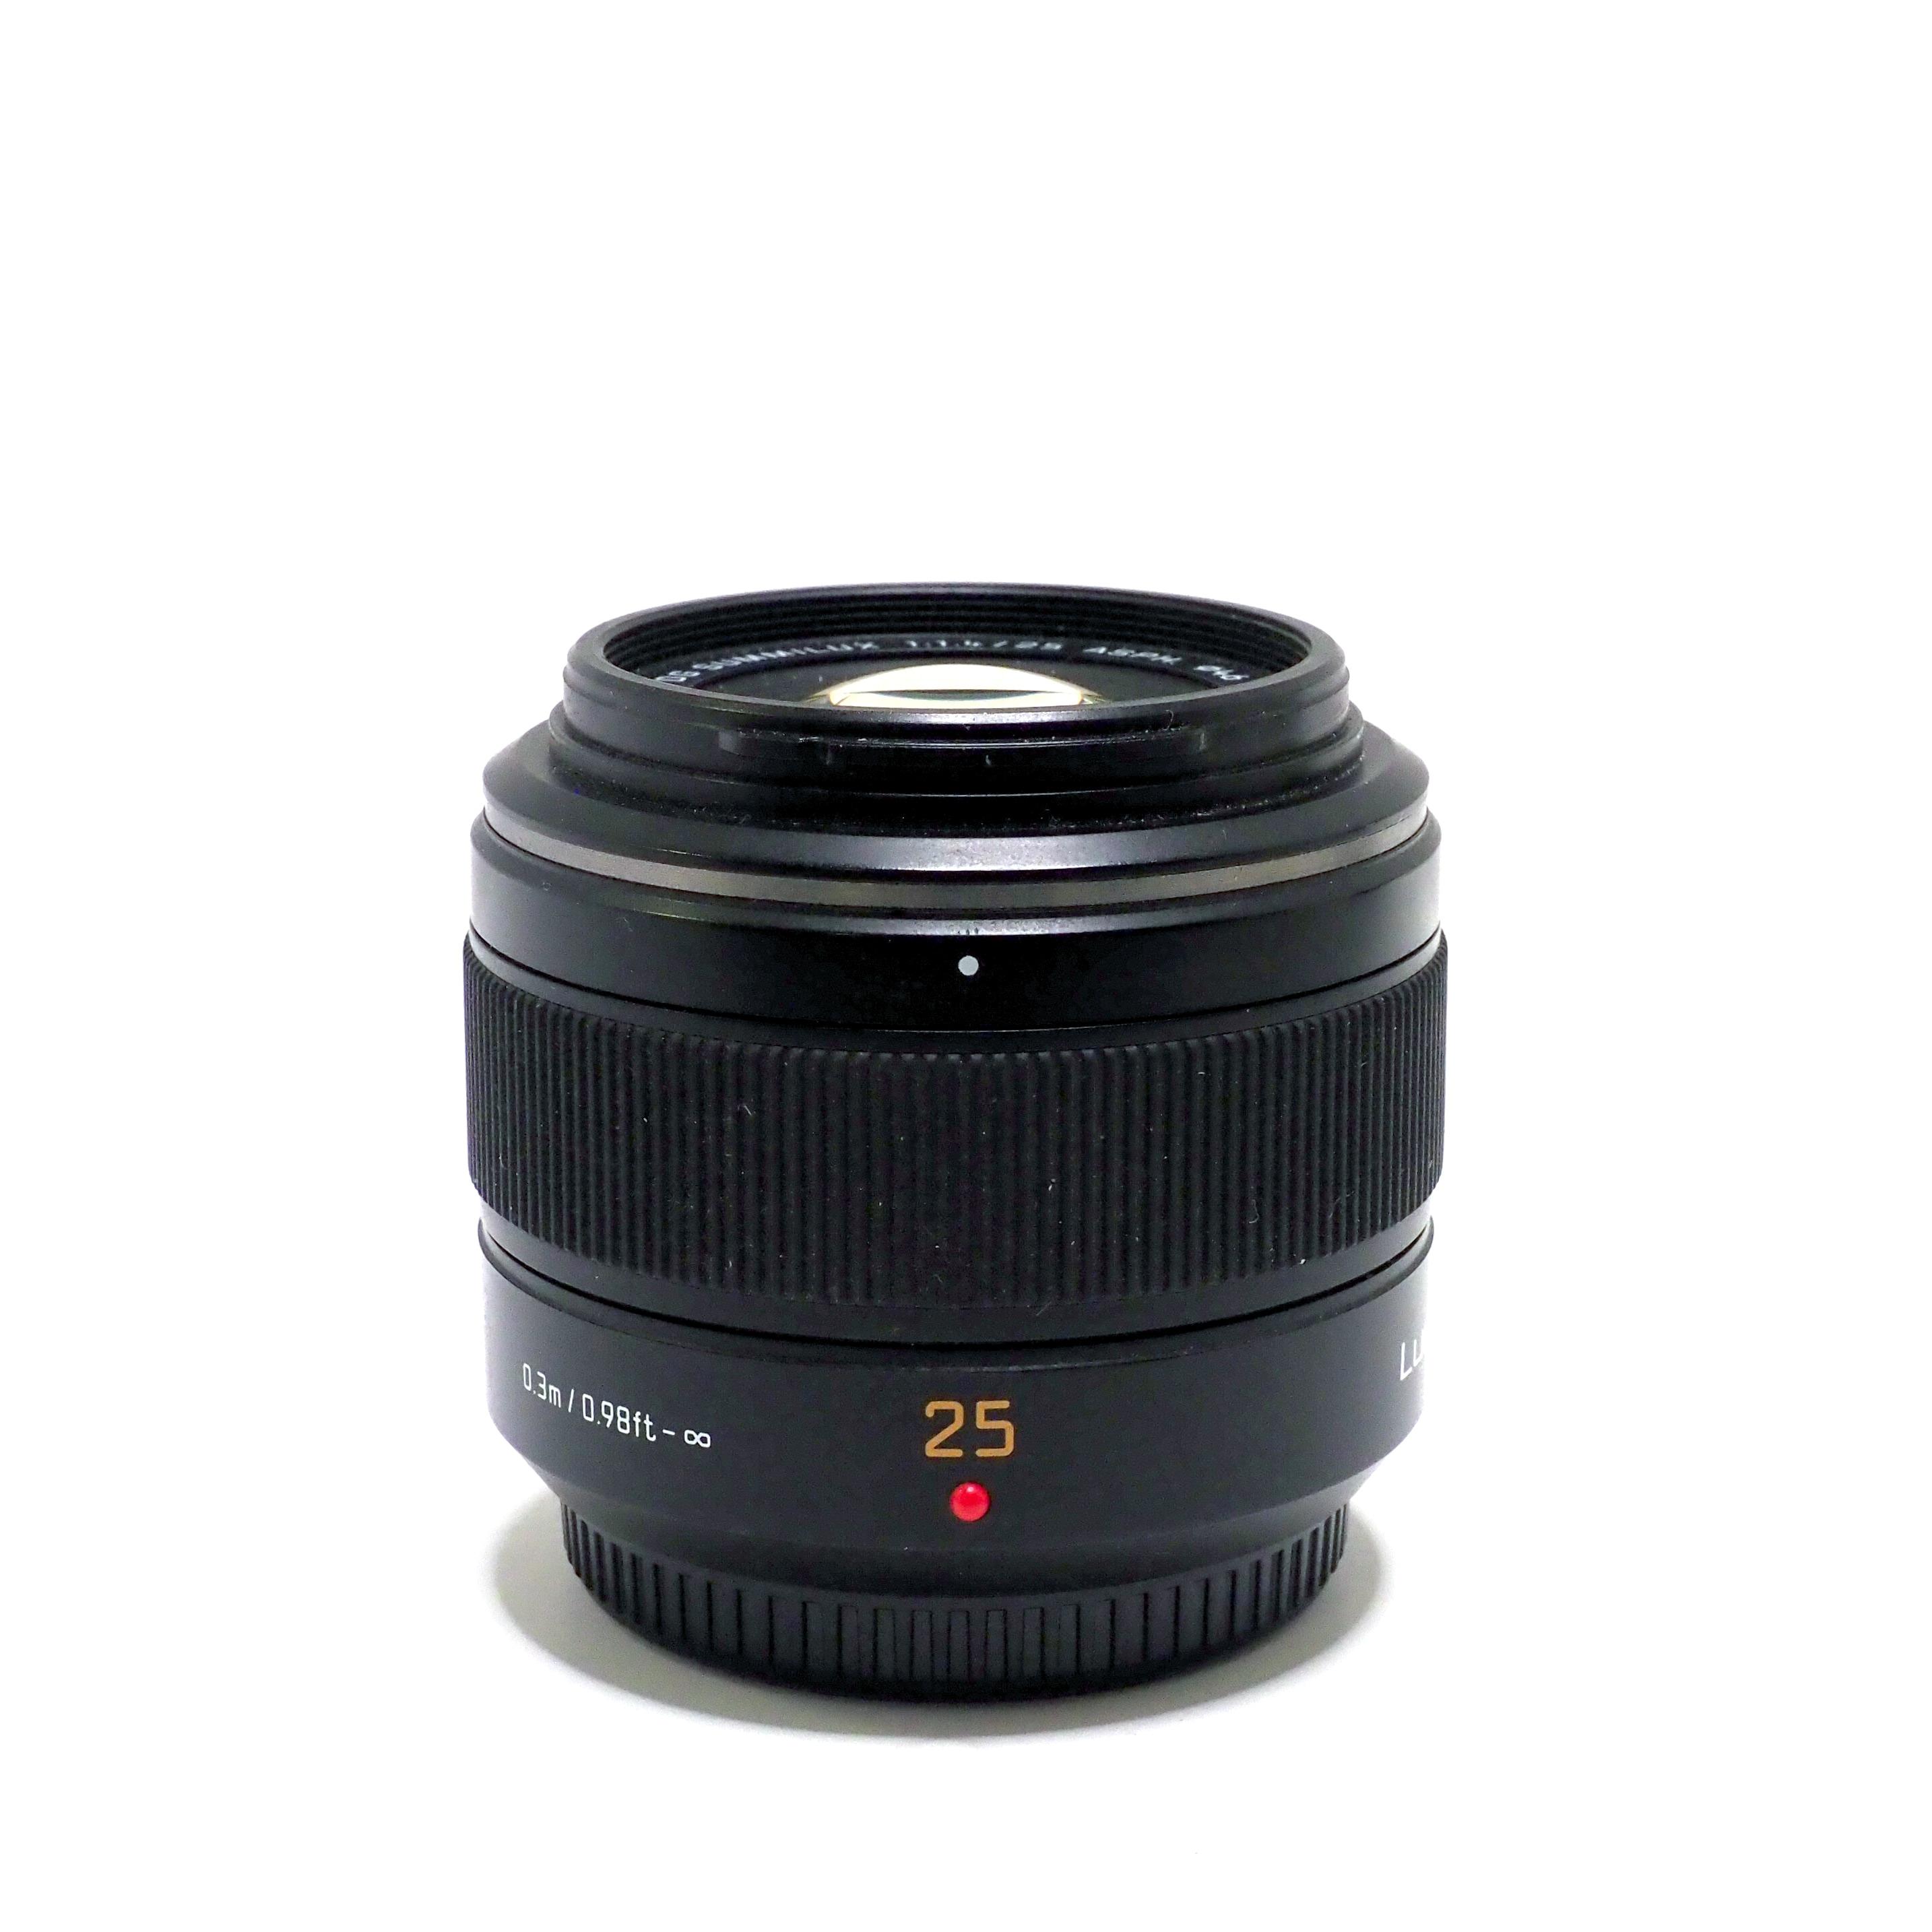 Panasonic Lumix G Leica DG Summilux 25mm f/1,4 ASPH - BEGAGNAT